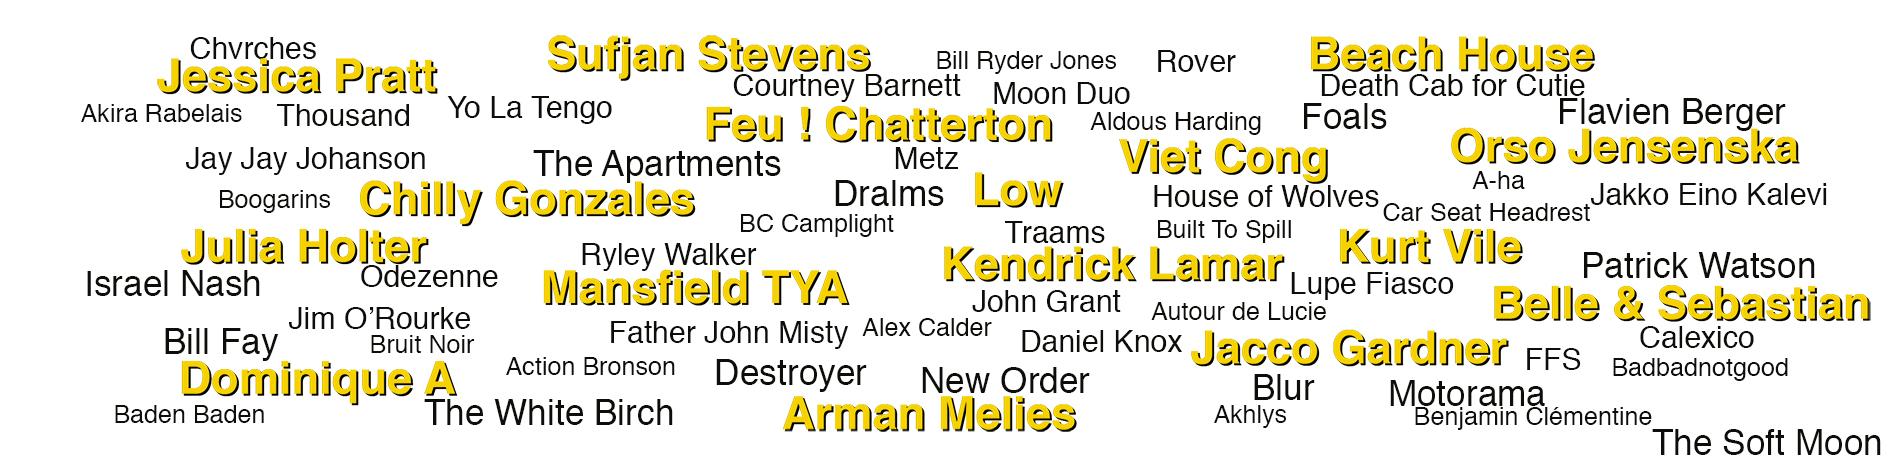 bandeau top fond blanc noms jaunes